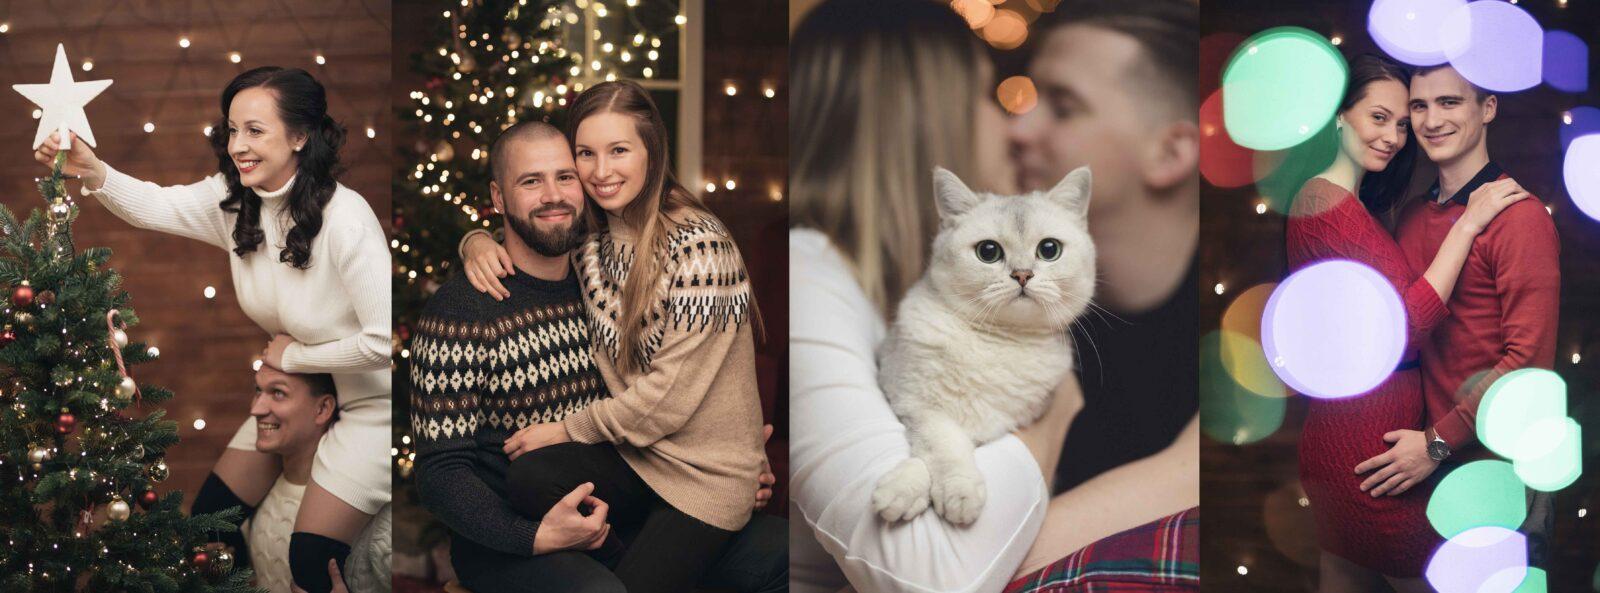 Jõulufotosessioonide pildid